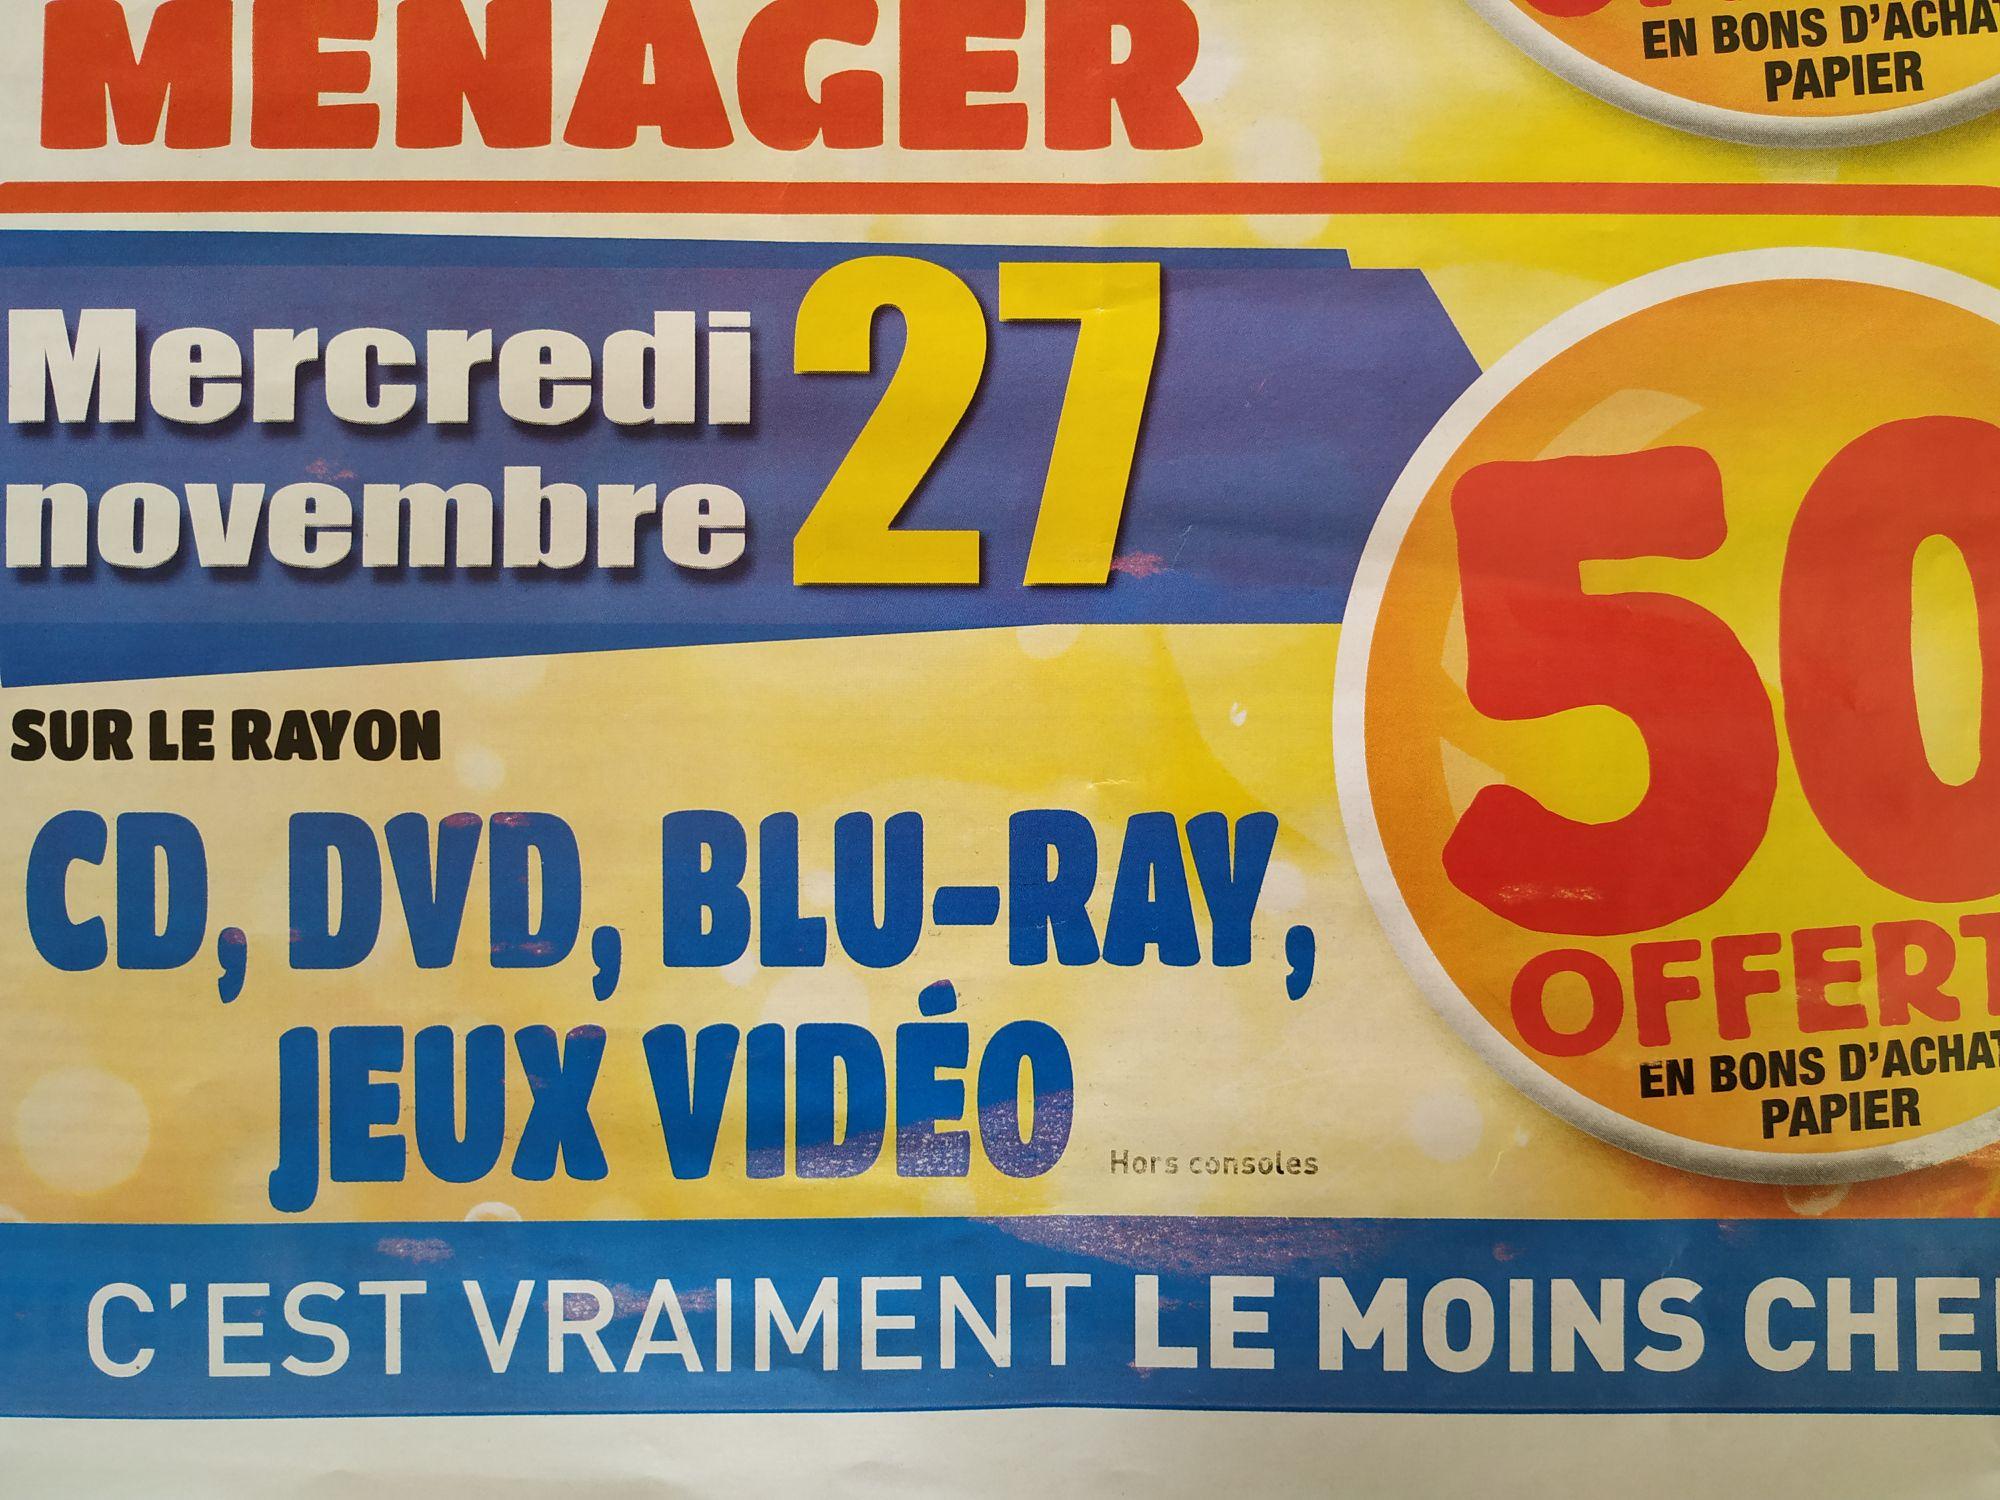 50% remboursés en bon d'achat sur divers rayons - Conflans-Sainte-Honorine (78)